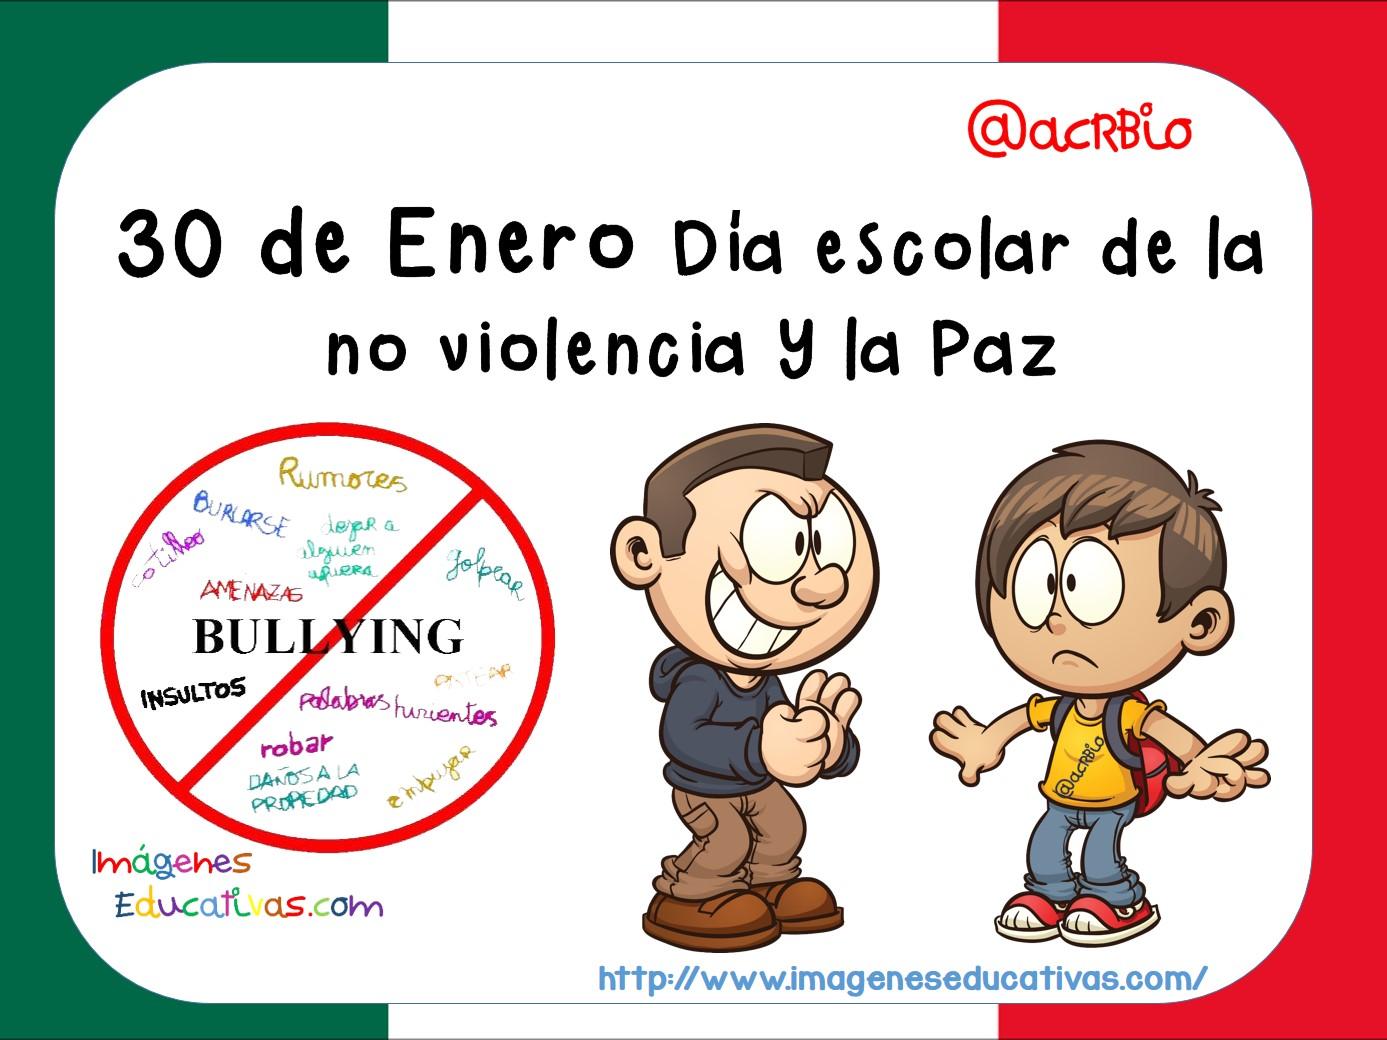 Efemérides Mes de Enero Fondo mx (10) - Imagenes Educativas